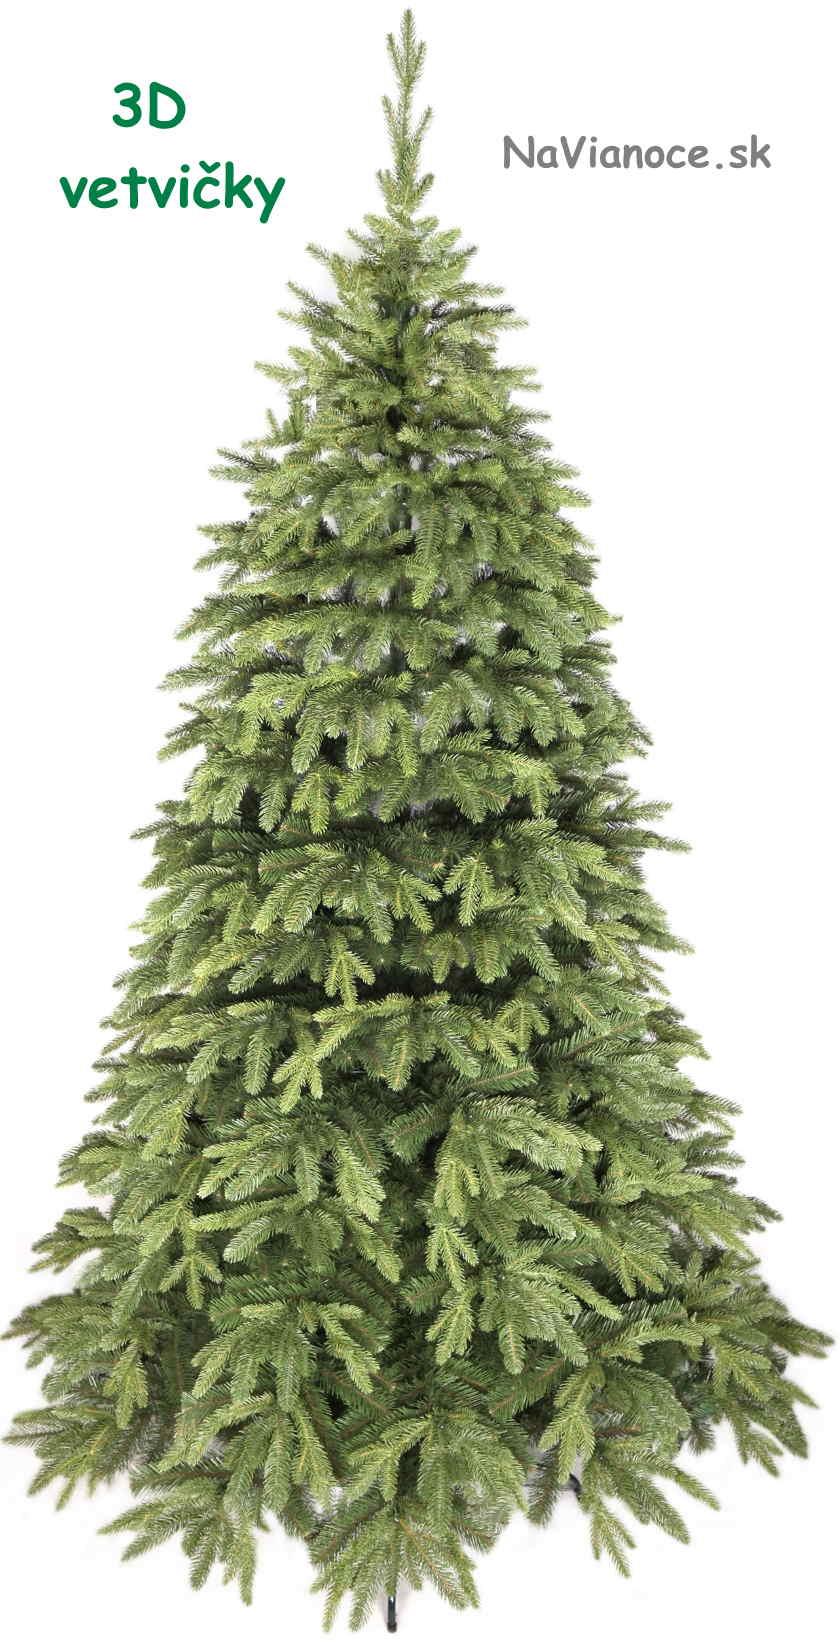 vysoký 3d vianočný stromček na Vianoce